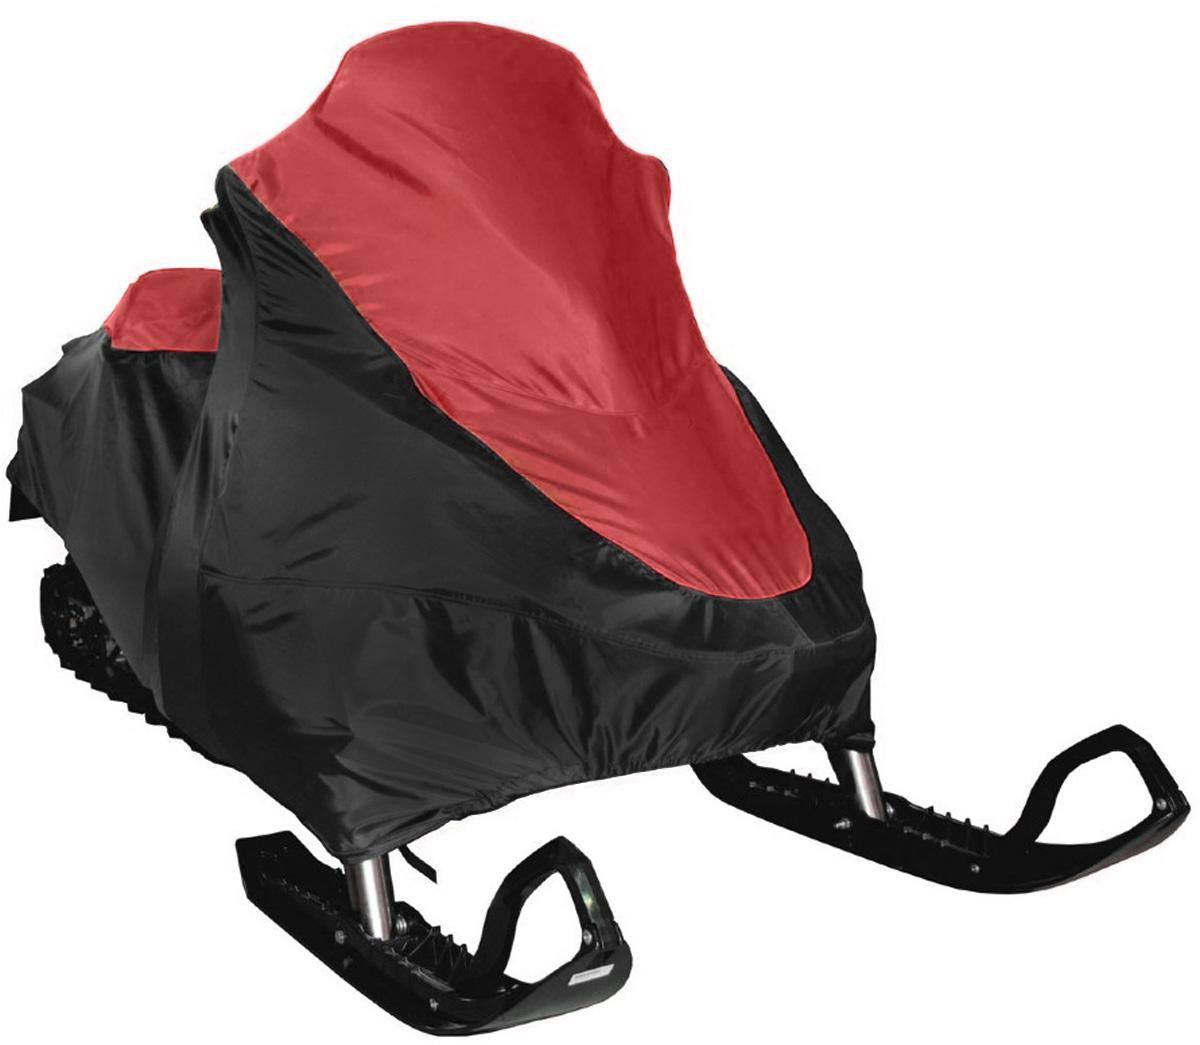 Чехол транспортировочный AG-brand, для снегохода Ski-Doo SKANDIC SWT 600, цвет: черный, красныйAG-BRP-SMB-SK600-TCЧехол для транспортировки AG-brand предназначен для снегохода Ski-Doo SKANDIC SWT 600. Изделие выполнено из прочной влагоотталкивающей ткани плотностью 600 Den, с применением армированных ниток. По нижней кромке чехла вшита плотная резинка, обеспечивающая надежную фиксацию на снегоходе. В комплект транспортировочного чехла входит прочная текстильная стропа для крепления техники в прицепе или специальном боксе для перевозки.